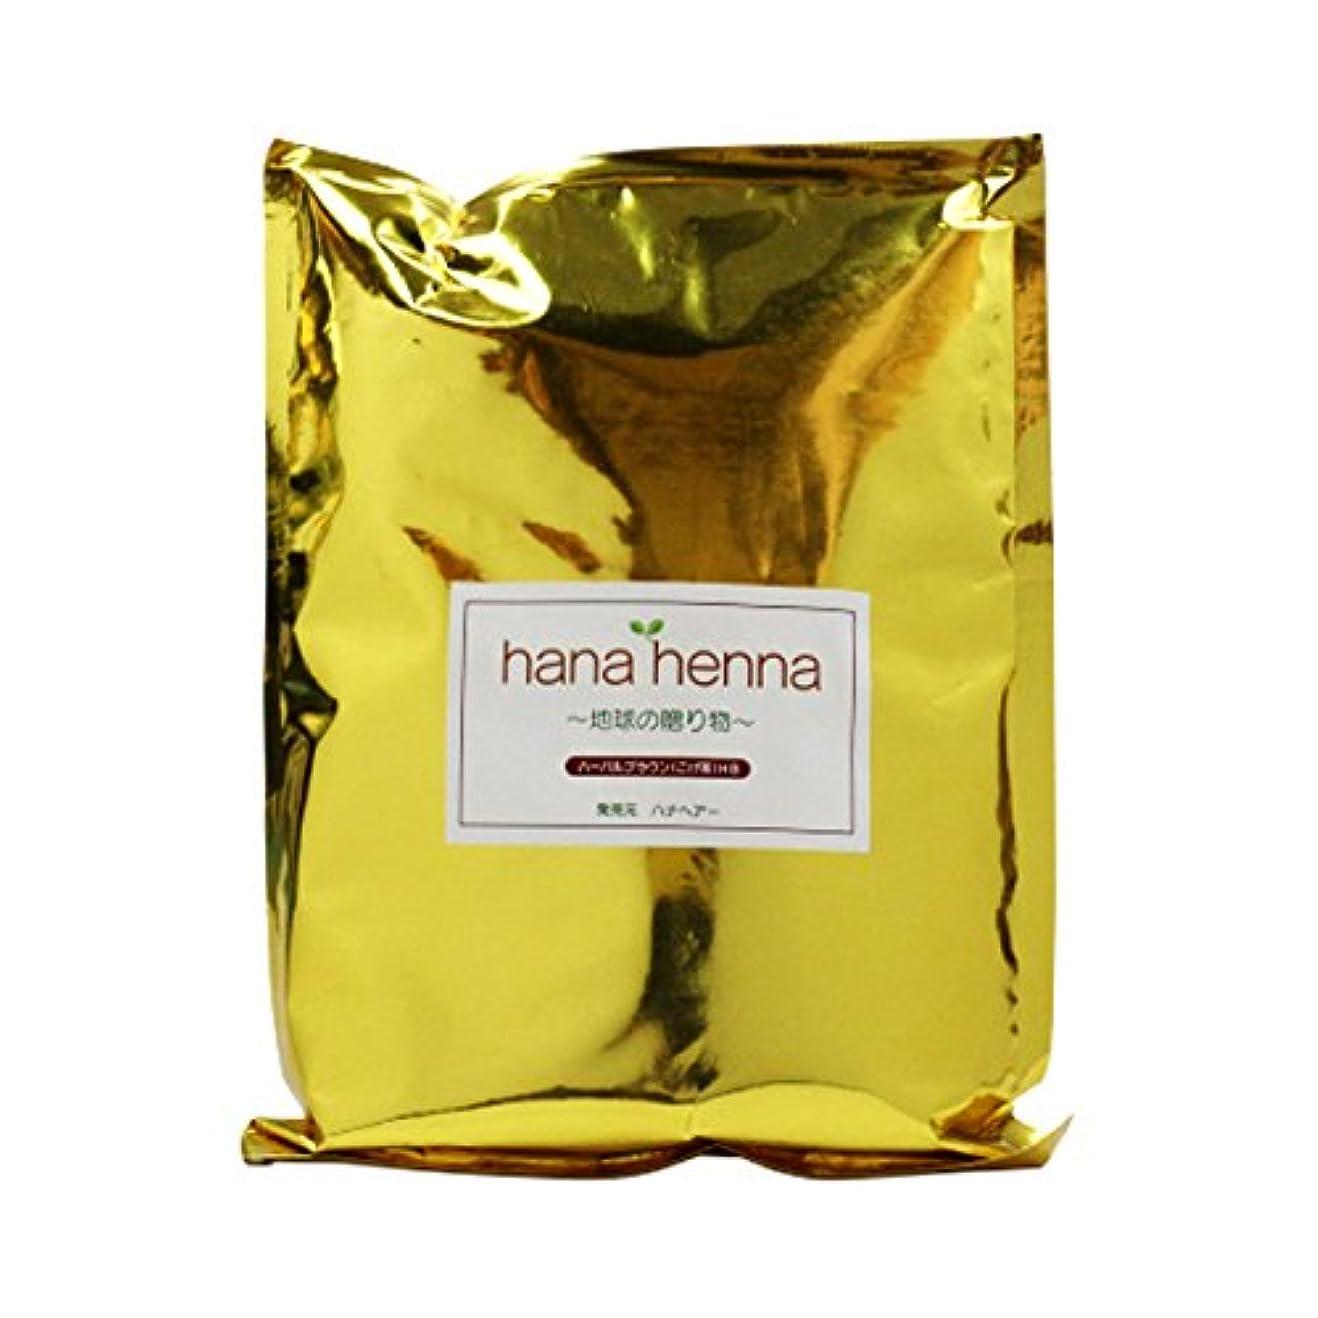 寓話質素な同情hanahenna ハーバルブラウン HB(こげ茶) 100g